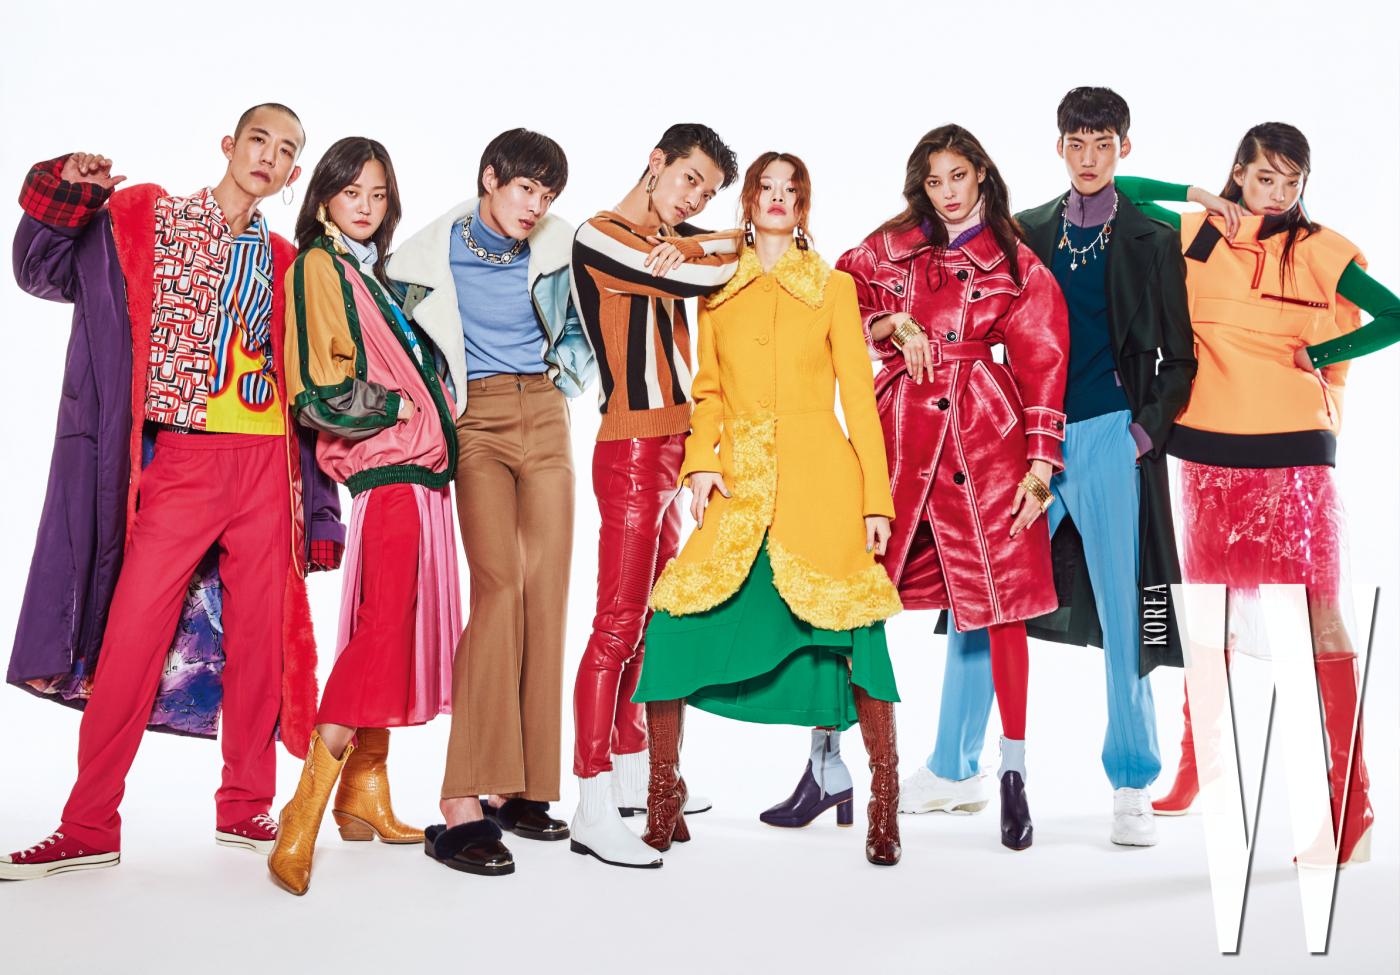 다니엘 오가 입은 코트는 Big Park, 프린트 셔츠는 Prada, 분홍색 팬츠는 Valentino, 스니커즈는 Converse. 이어링은 1064 Studio 제품. 강승현이 입은 스웨이드 재킷과 셔츠는 Gucci, 분홍 스커트는 Eenk, 노란색 부츠는 Fendi, 이어링은 1064 Studio 제품. 박경진이 입은 재킷, 팬츠, 슈즈는 모두 Ordinary People, 터틀넥은 Acne Studios, 주얼 네크리스는 Louis Vuitton 제품. 전준영이 입은 줄무늬 니트는 Sandro, 빨간 팬츠는 Zara, 흰색 첼시 부츠는 Wooyoungmi, 이어링은 Fendi 제품. 김아현이 입은 노란 퍼 코트는 Moschino, 녹색 드레스는 Hugo Boss, 갈색 롱부츠는 Dries Van Noten, 주얼 이어링은 Zara 제품. 티아나가 입은 코트, 니트, 넥워머는 모두 Miu Miu, 앵클 힐은 Dew E Dew E, 골드 뱅글은 Chloe 제품. 정용수가 입은 코트, 트랙 톱, 팬츠는 모두 Valentino, 스니커즈는 Valentino Garavani, 주얼 네크리스는 1064 Studio 제품. 김설희가 입은 패딩 베스트, 오간자 드레스, 시퀸 스커트는 모두 Prada, 녹색 터틀넥은 Hugo Boss, 빨간 부츠는 Stuart Weitzman 제품.